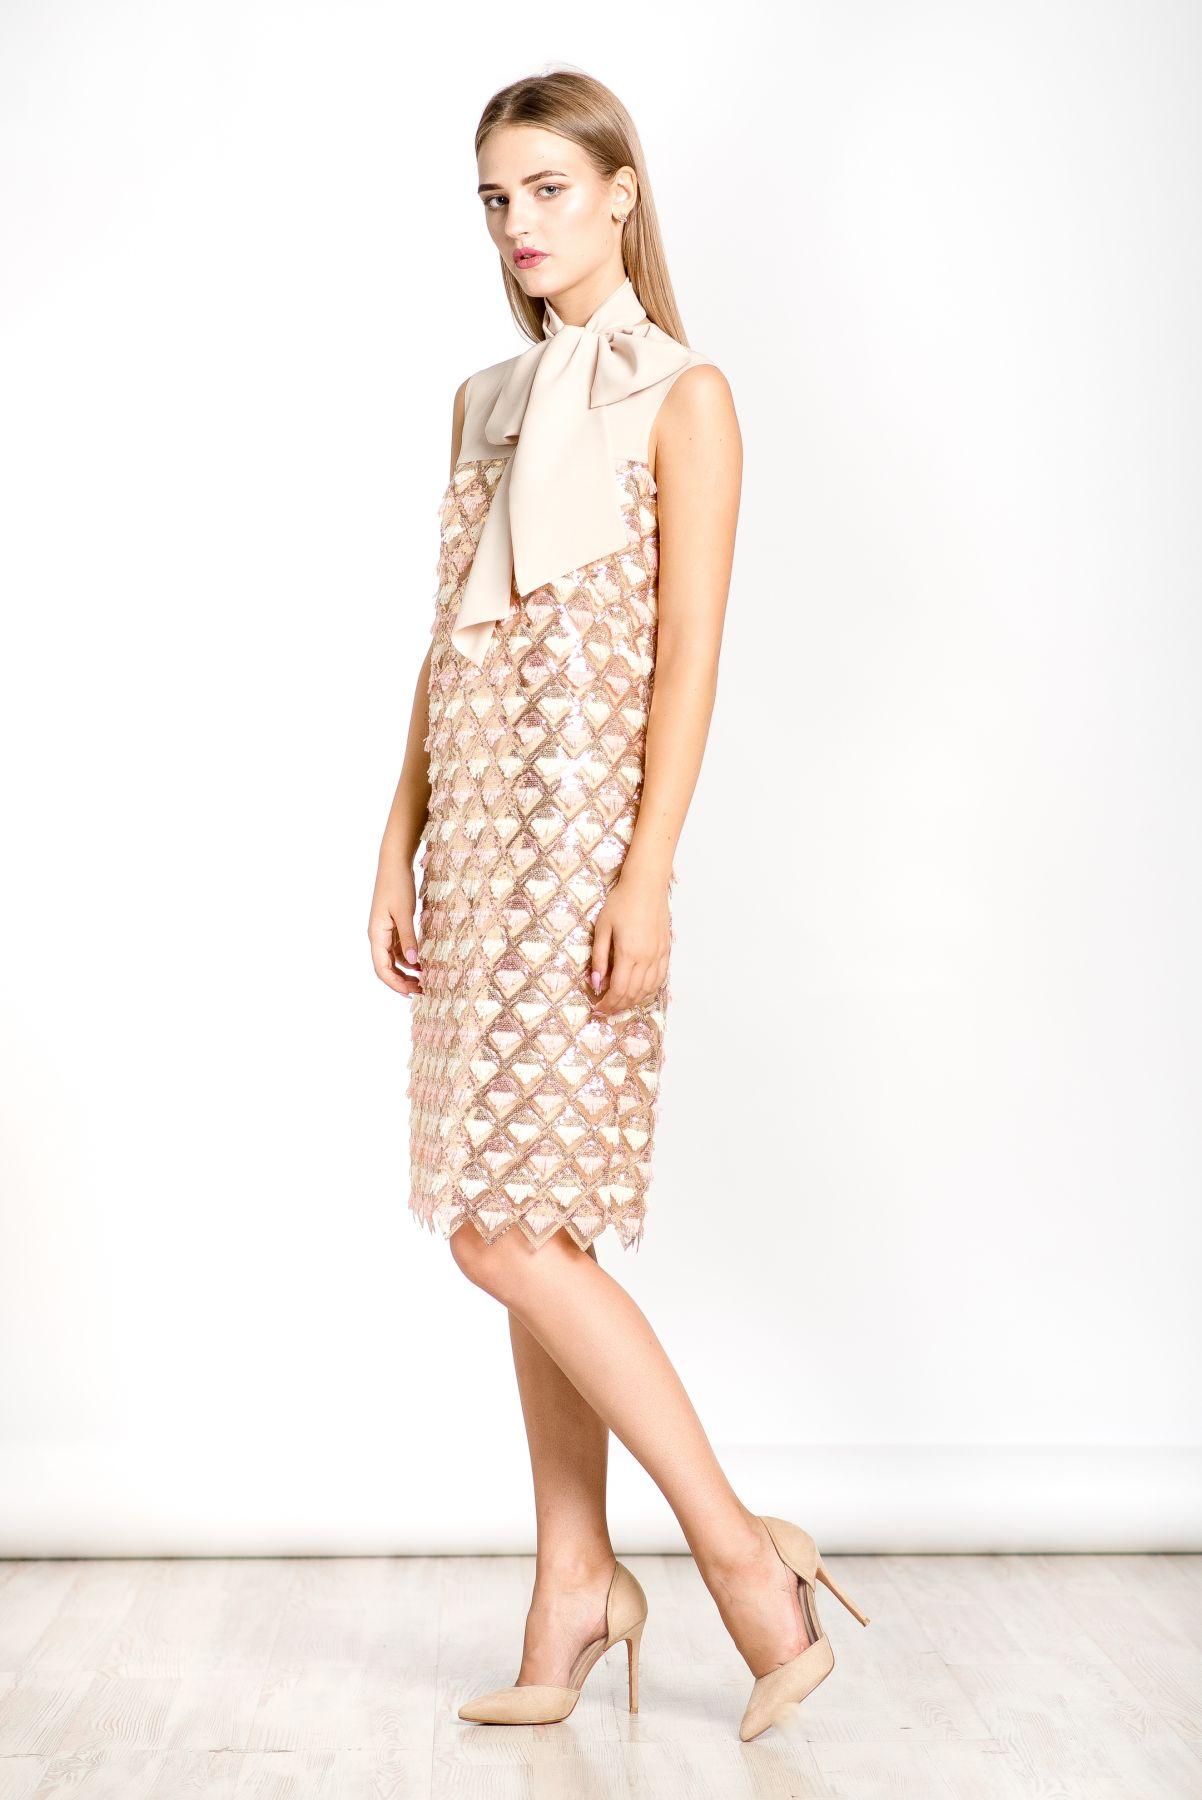 Вечернее платье с пайетками купить в Москве, оригинальное ... bcee83485d0